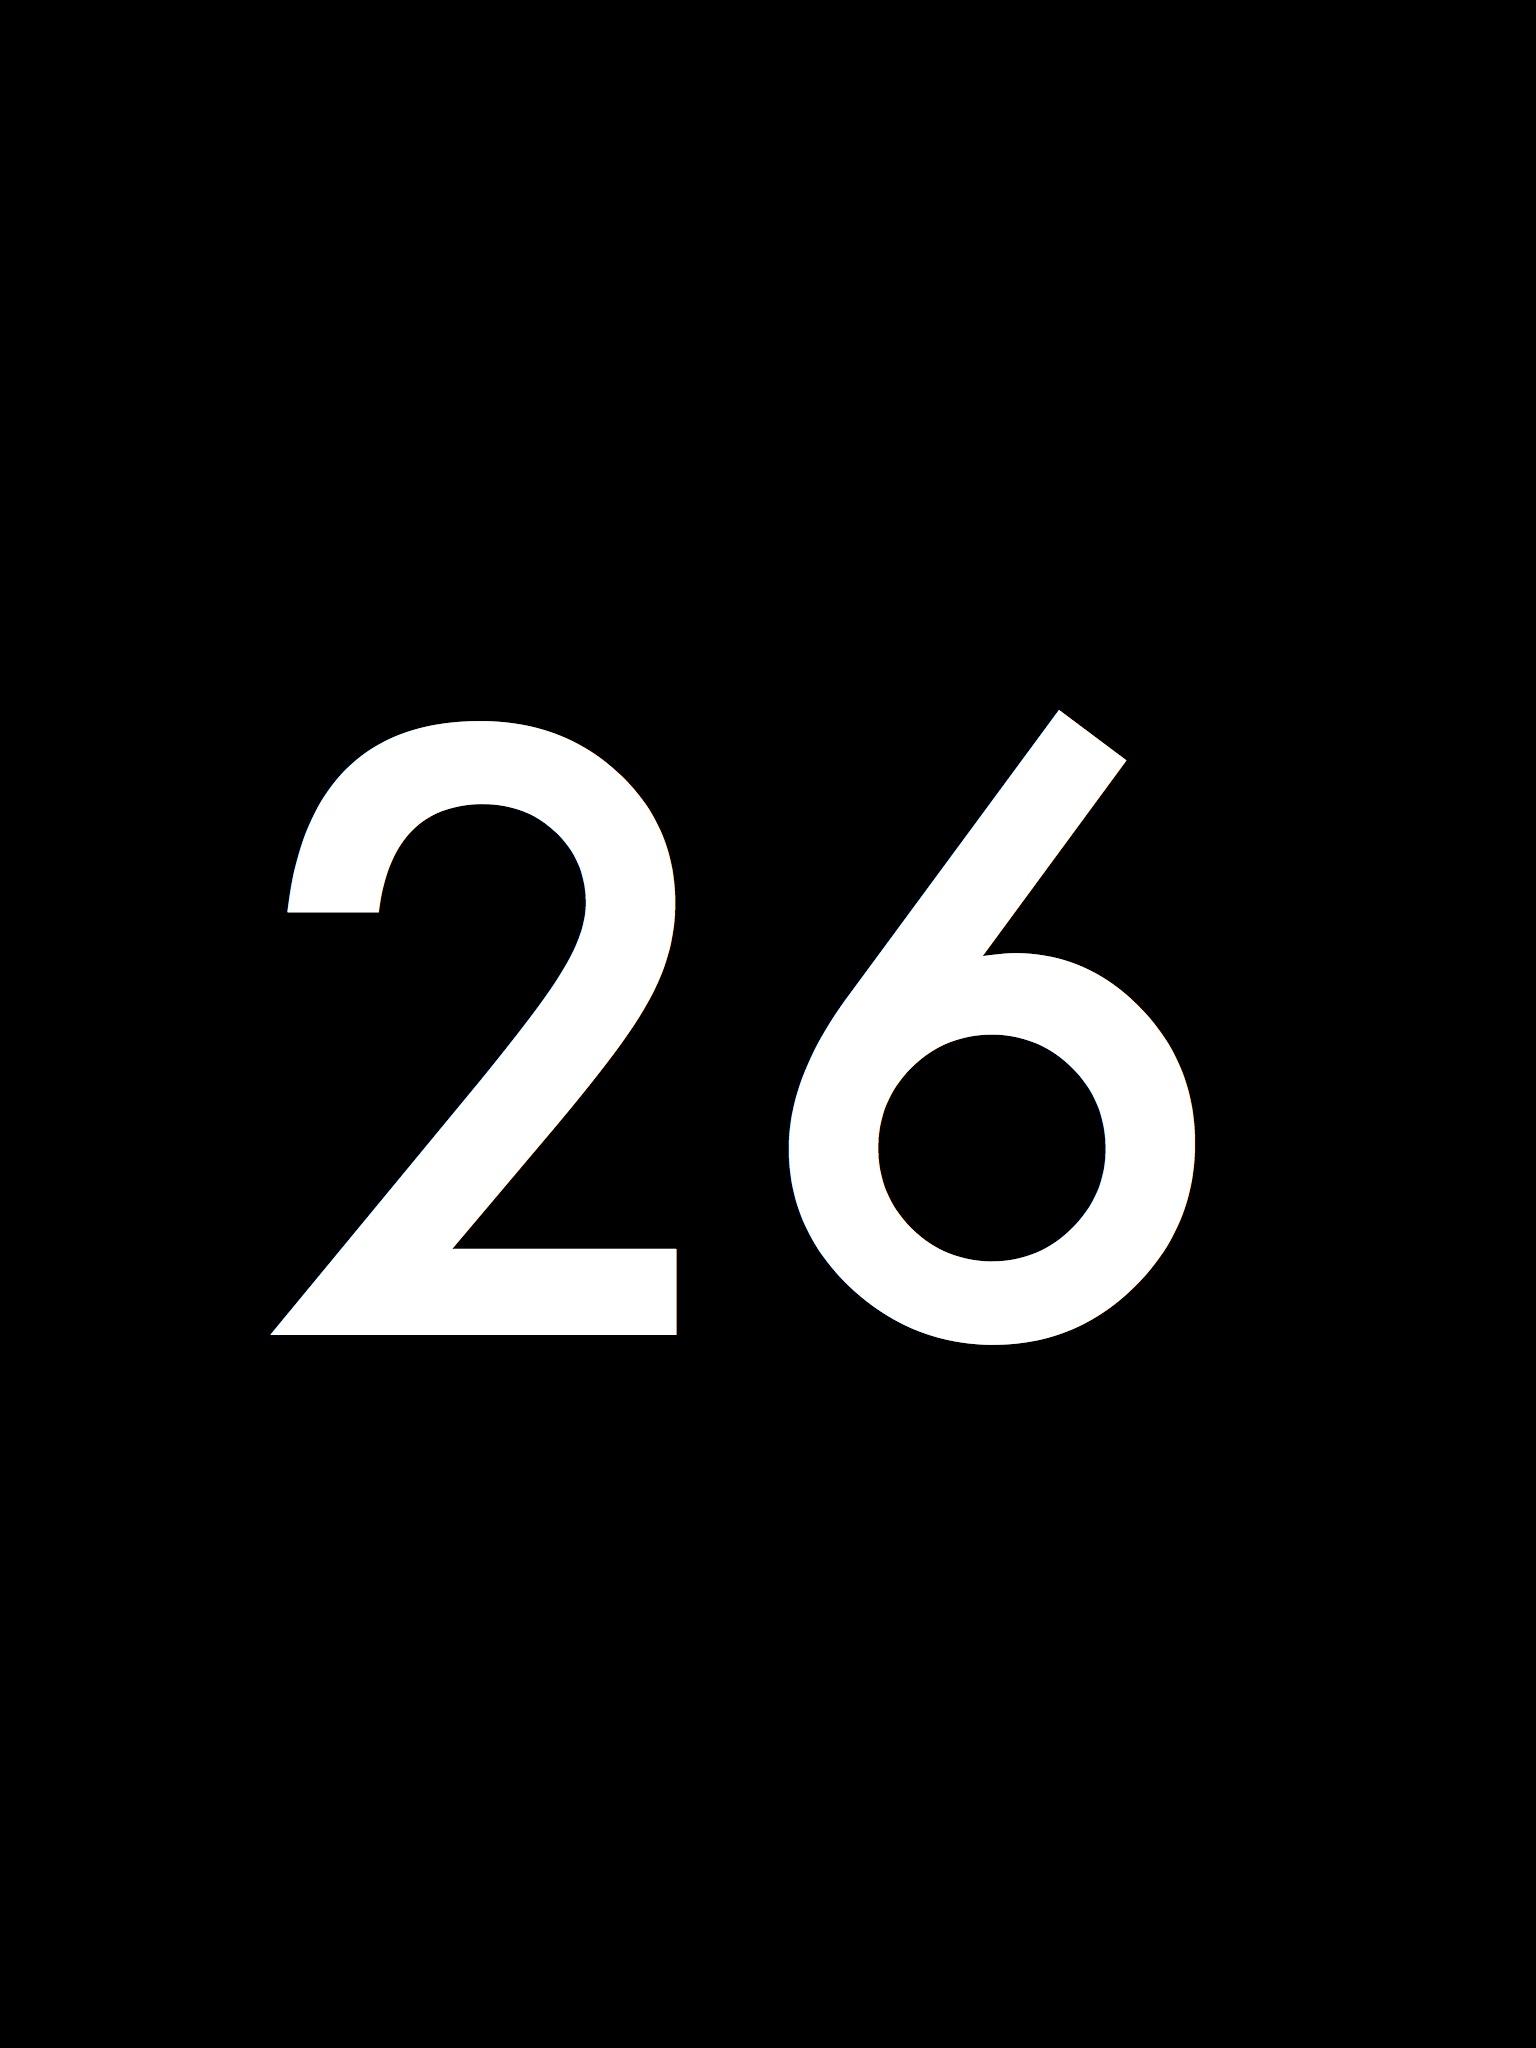 Black_Number.026.jpg